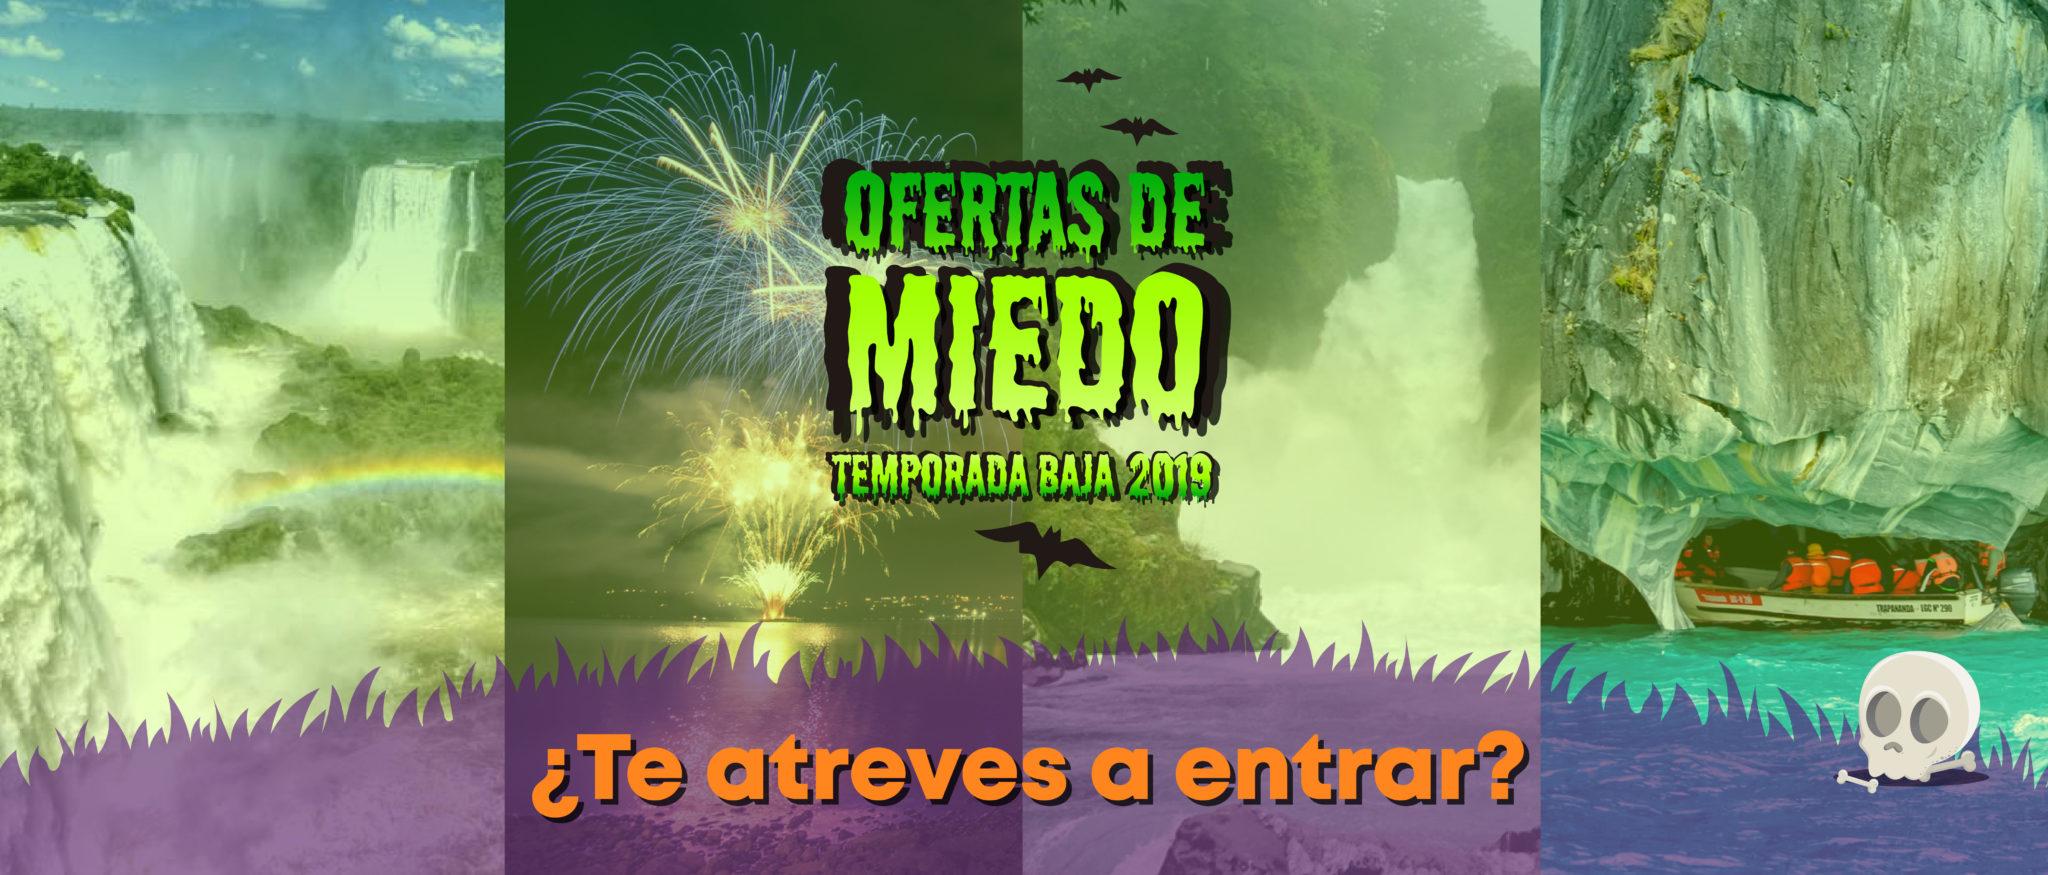 CARRUSEL OFERTAS DE MIEDO